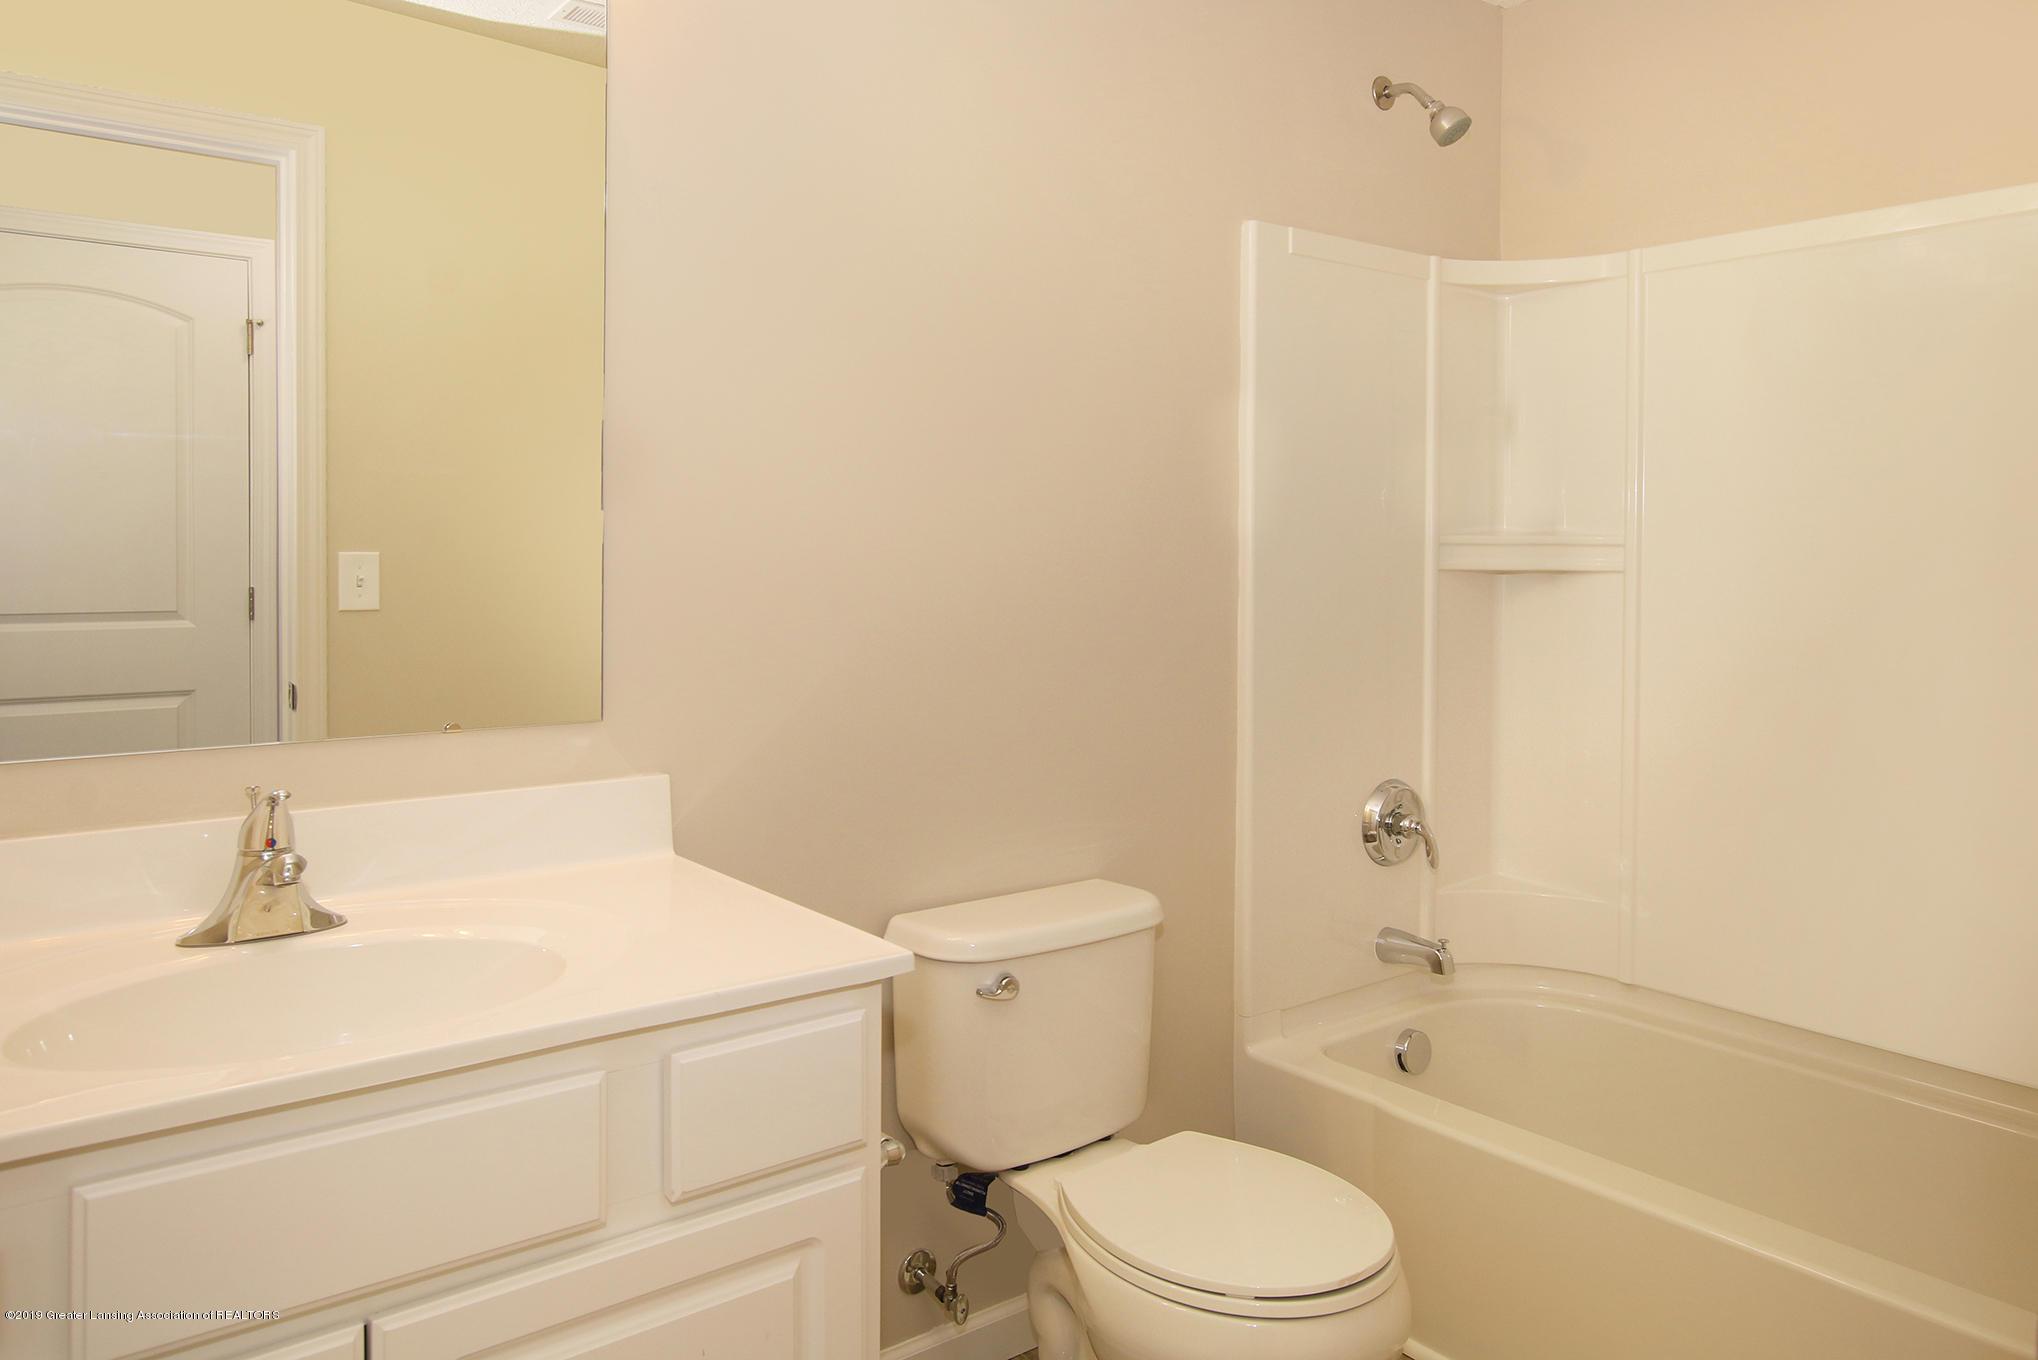 3524 Fernwood Ln - GDN067-C2040 Main Bath - 17